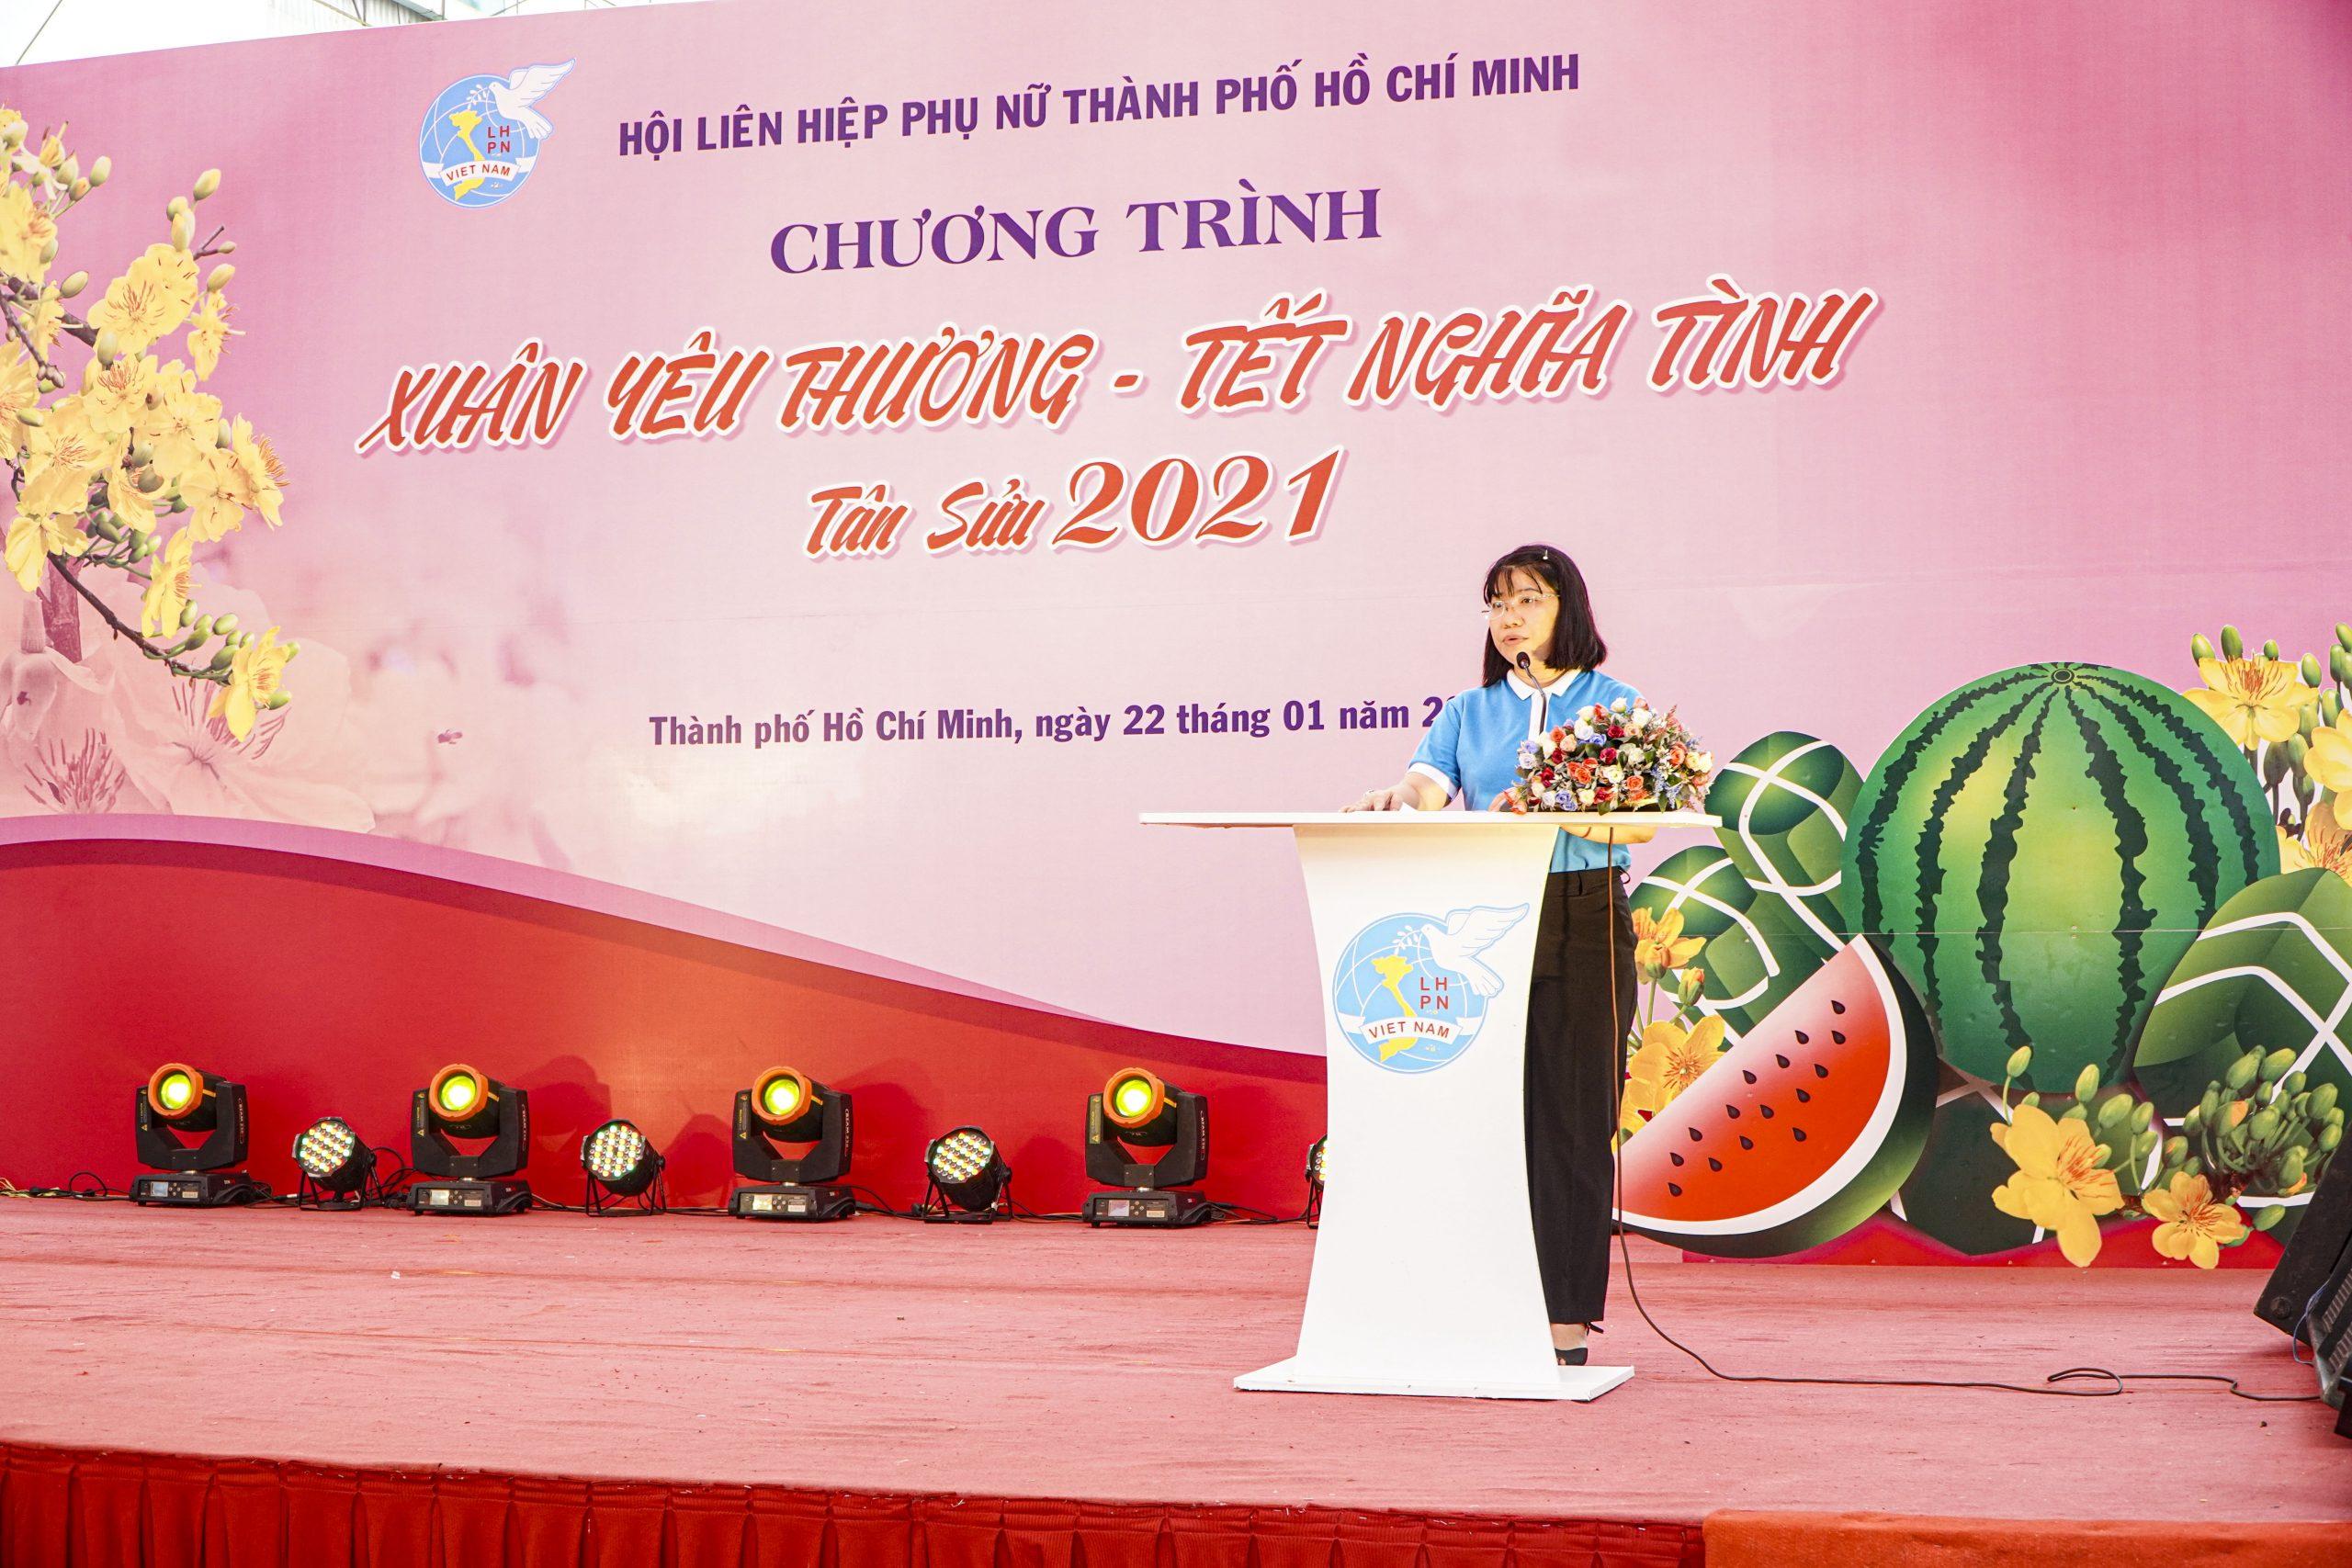 đại diện Liên hiệp phụ nữ phát biểu